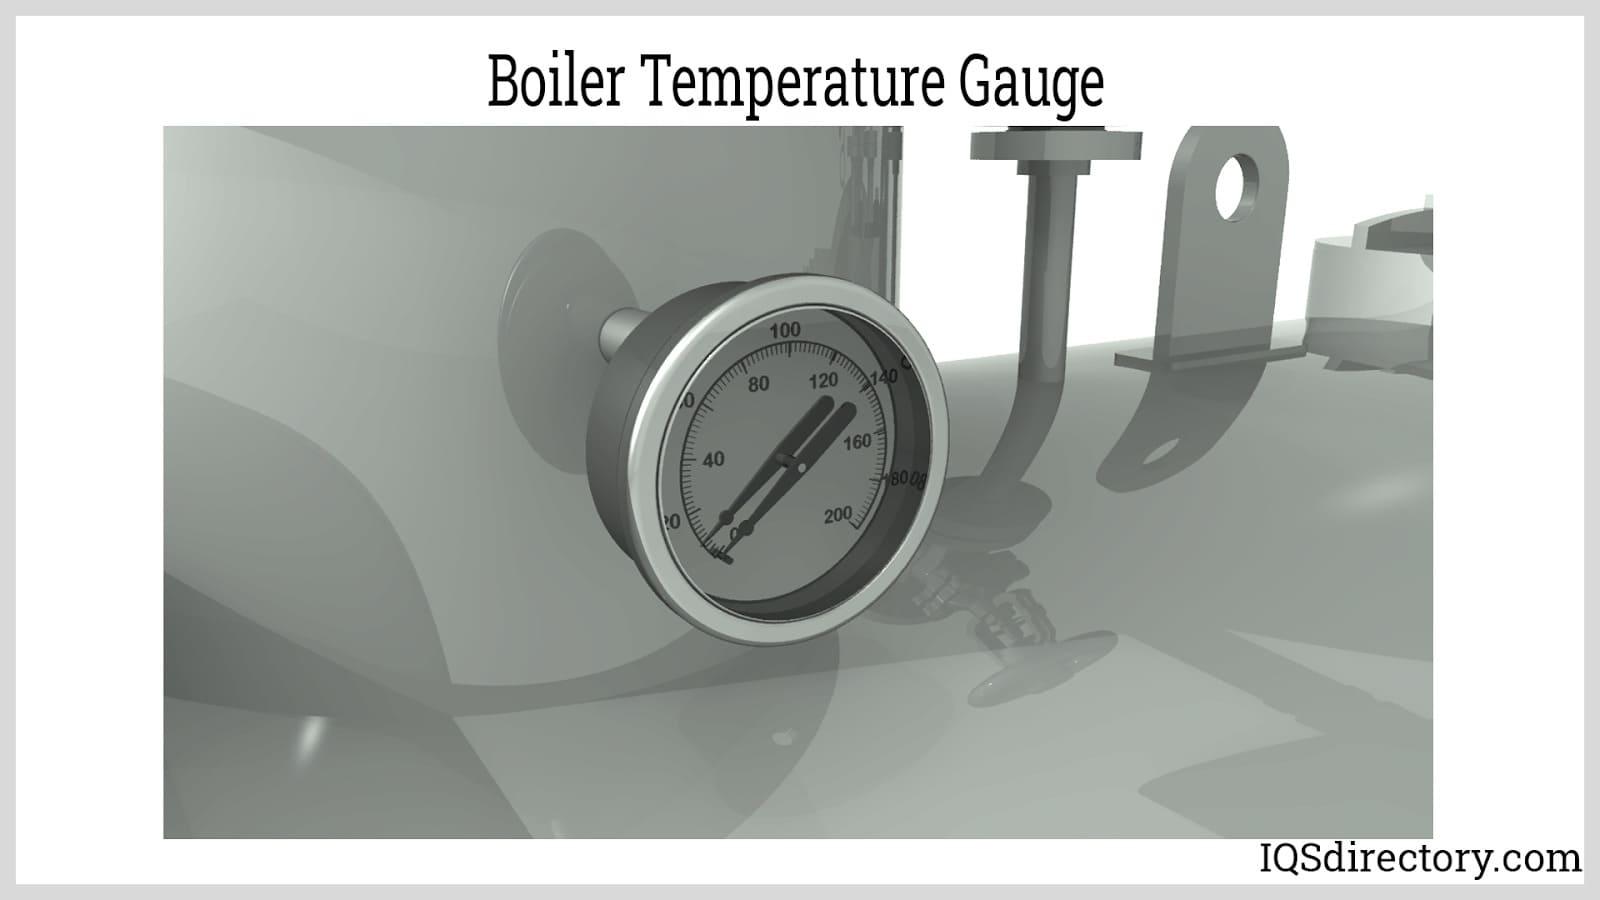 Boiler Temperature Gauge